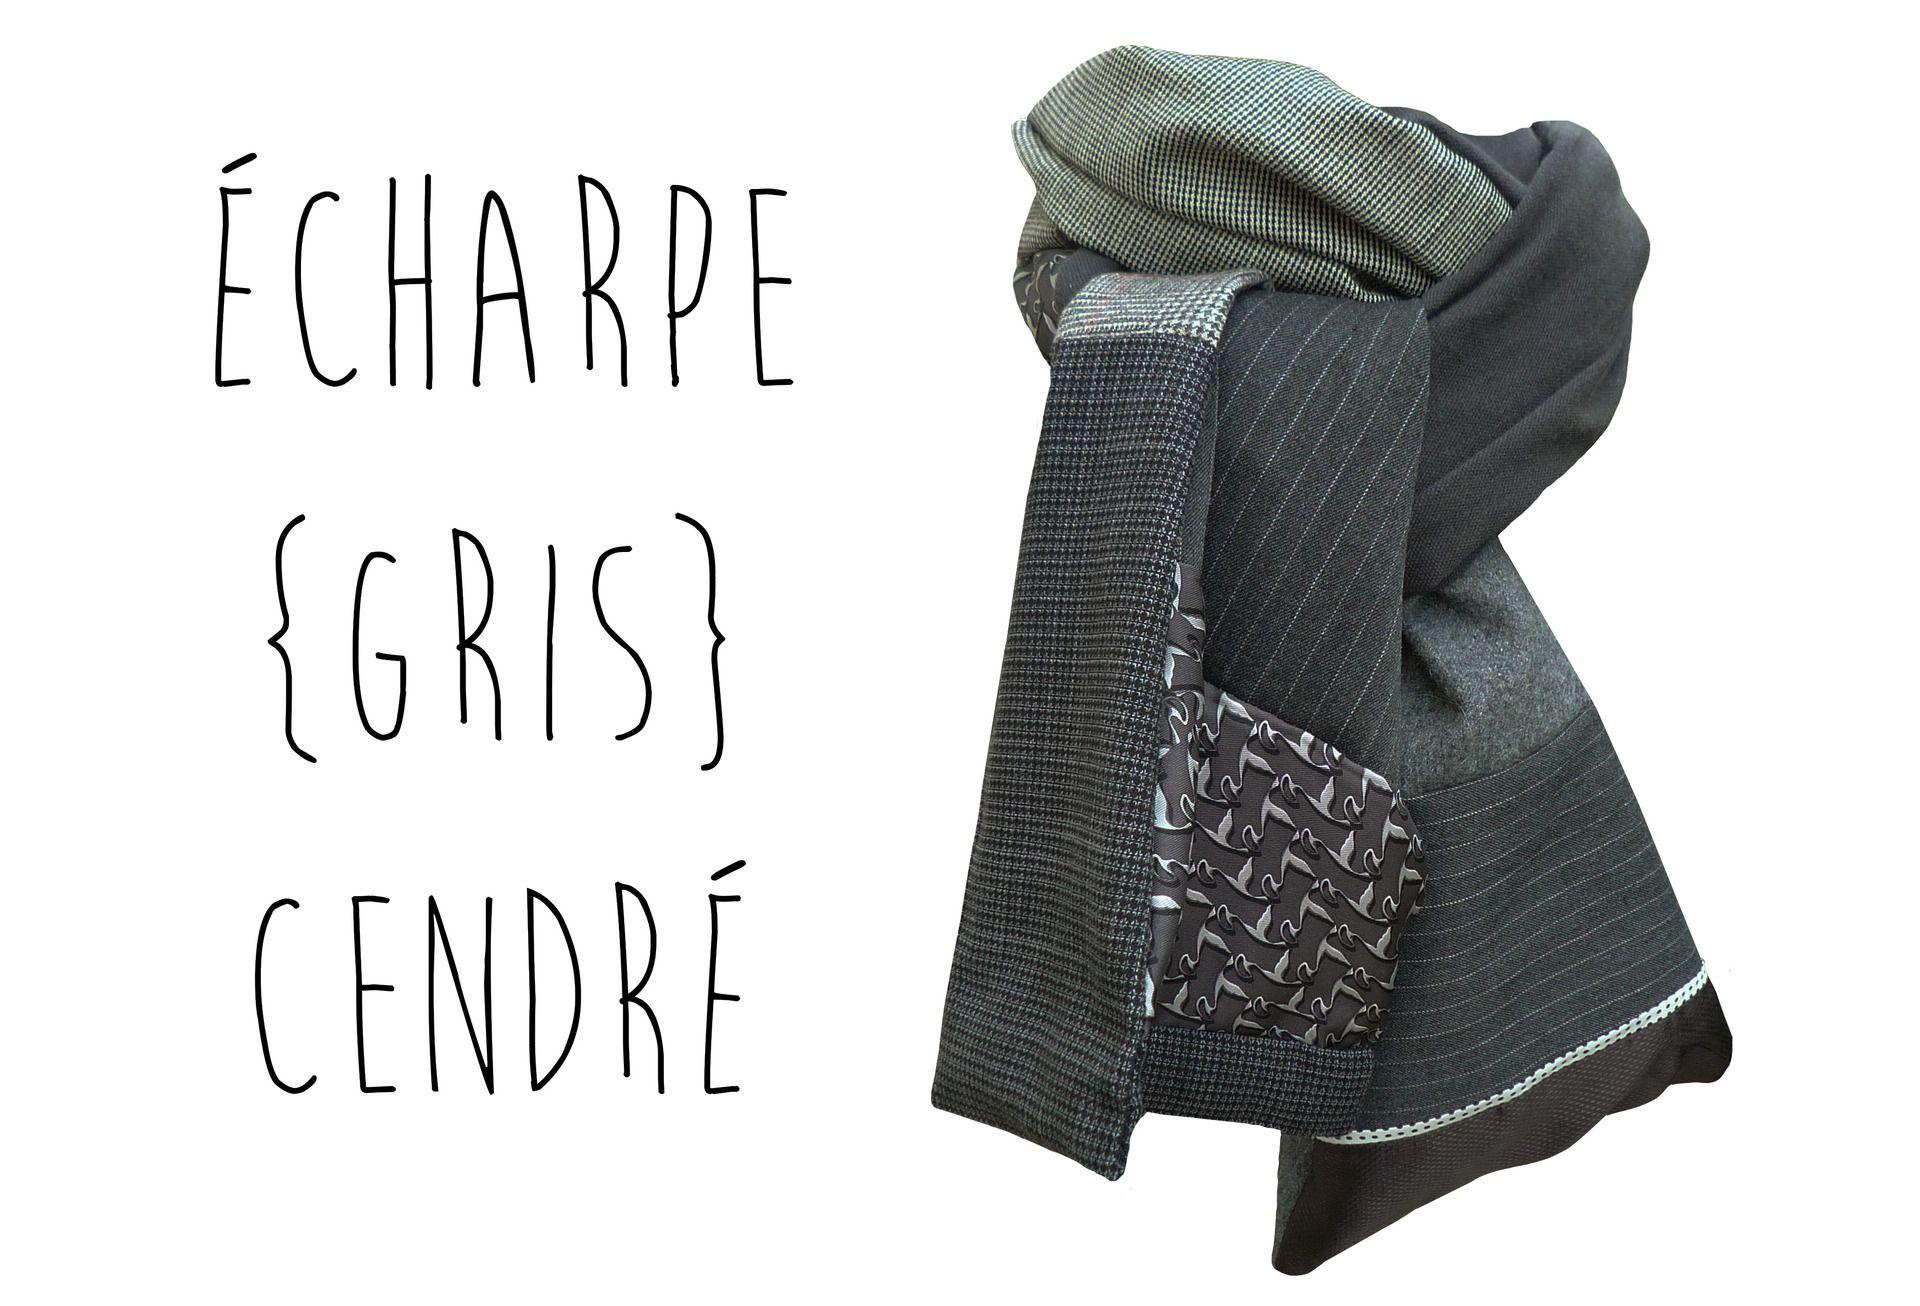 Echarpe Homme Femme Laine Hiver Gris Pied de Poule Prince de Galles Fait Main Modèle Unique : Echarpes par lefil